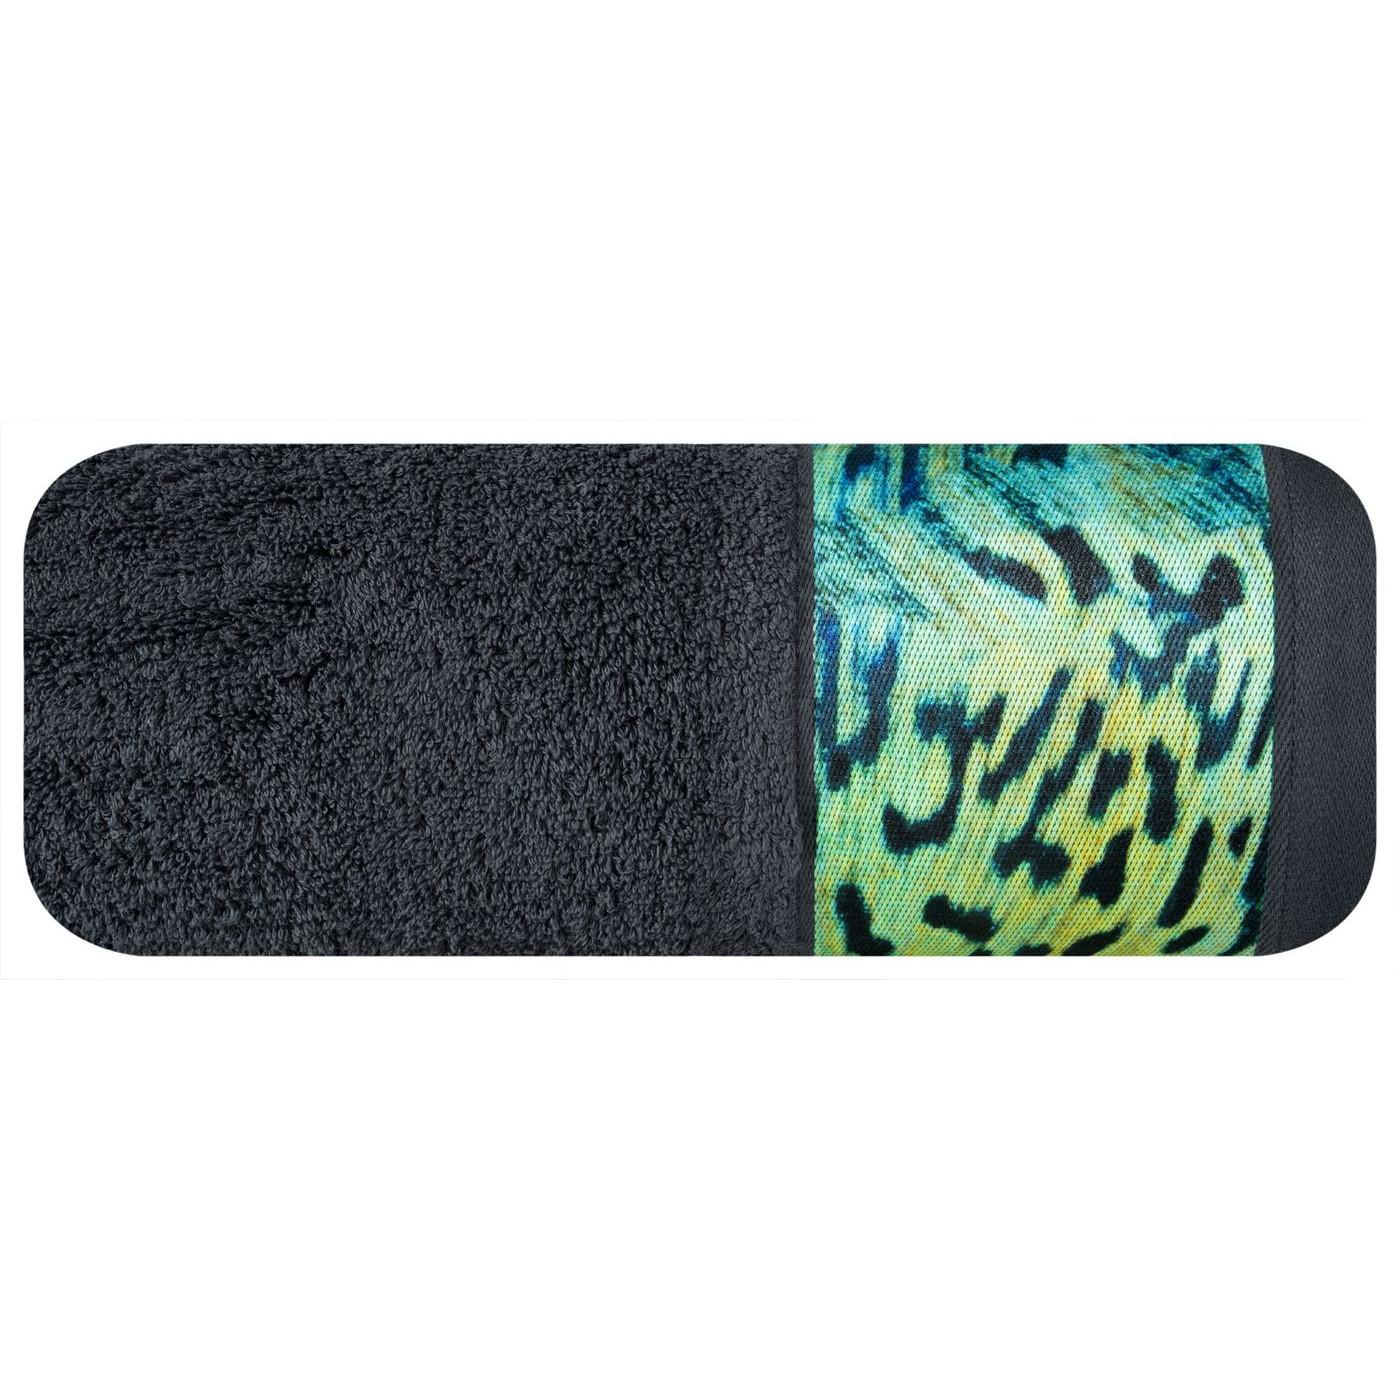 Ręcznik kąpielowy - mój wybór Eva Minge - grafit i zwierzęcy wzór 50x90 cm